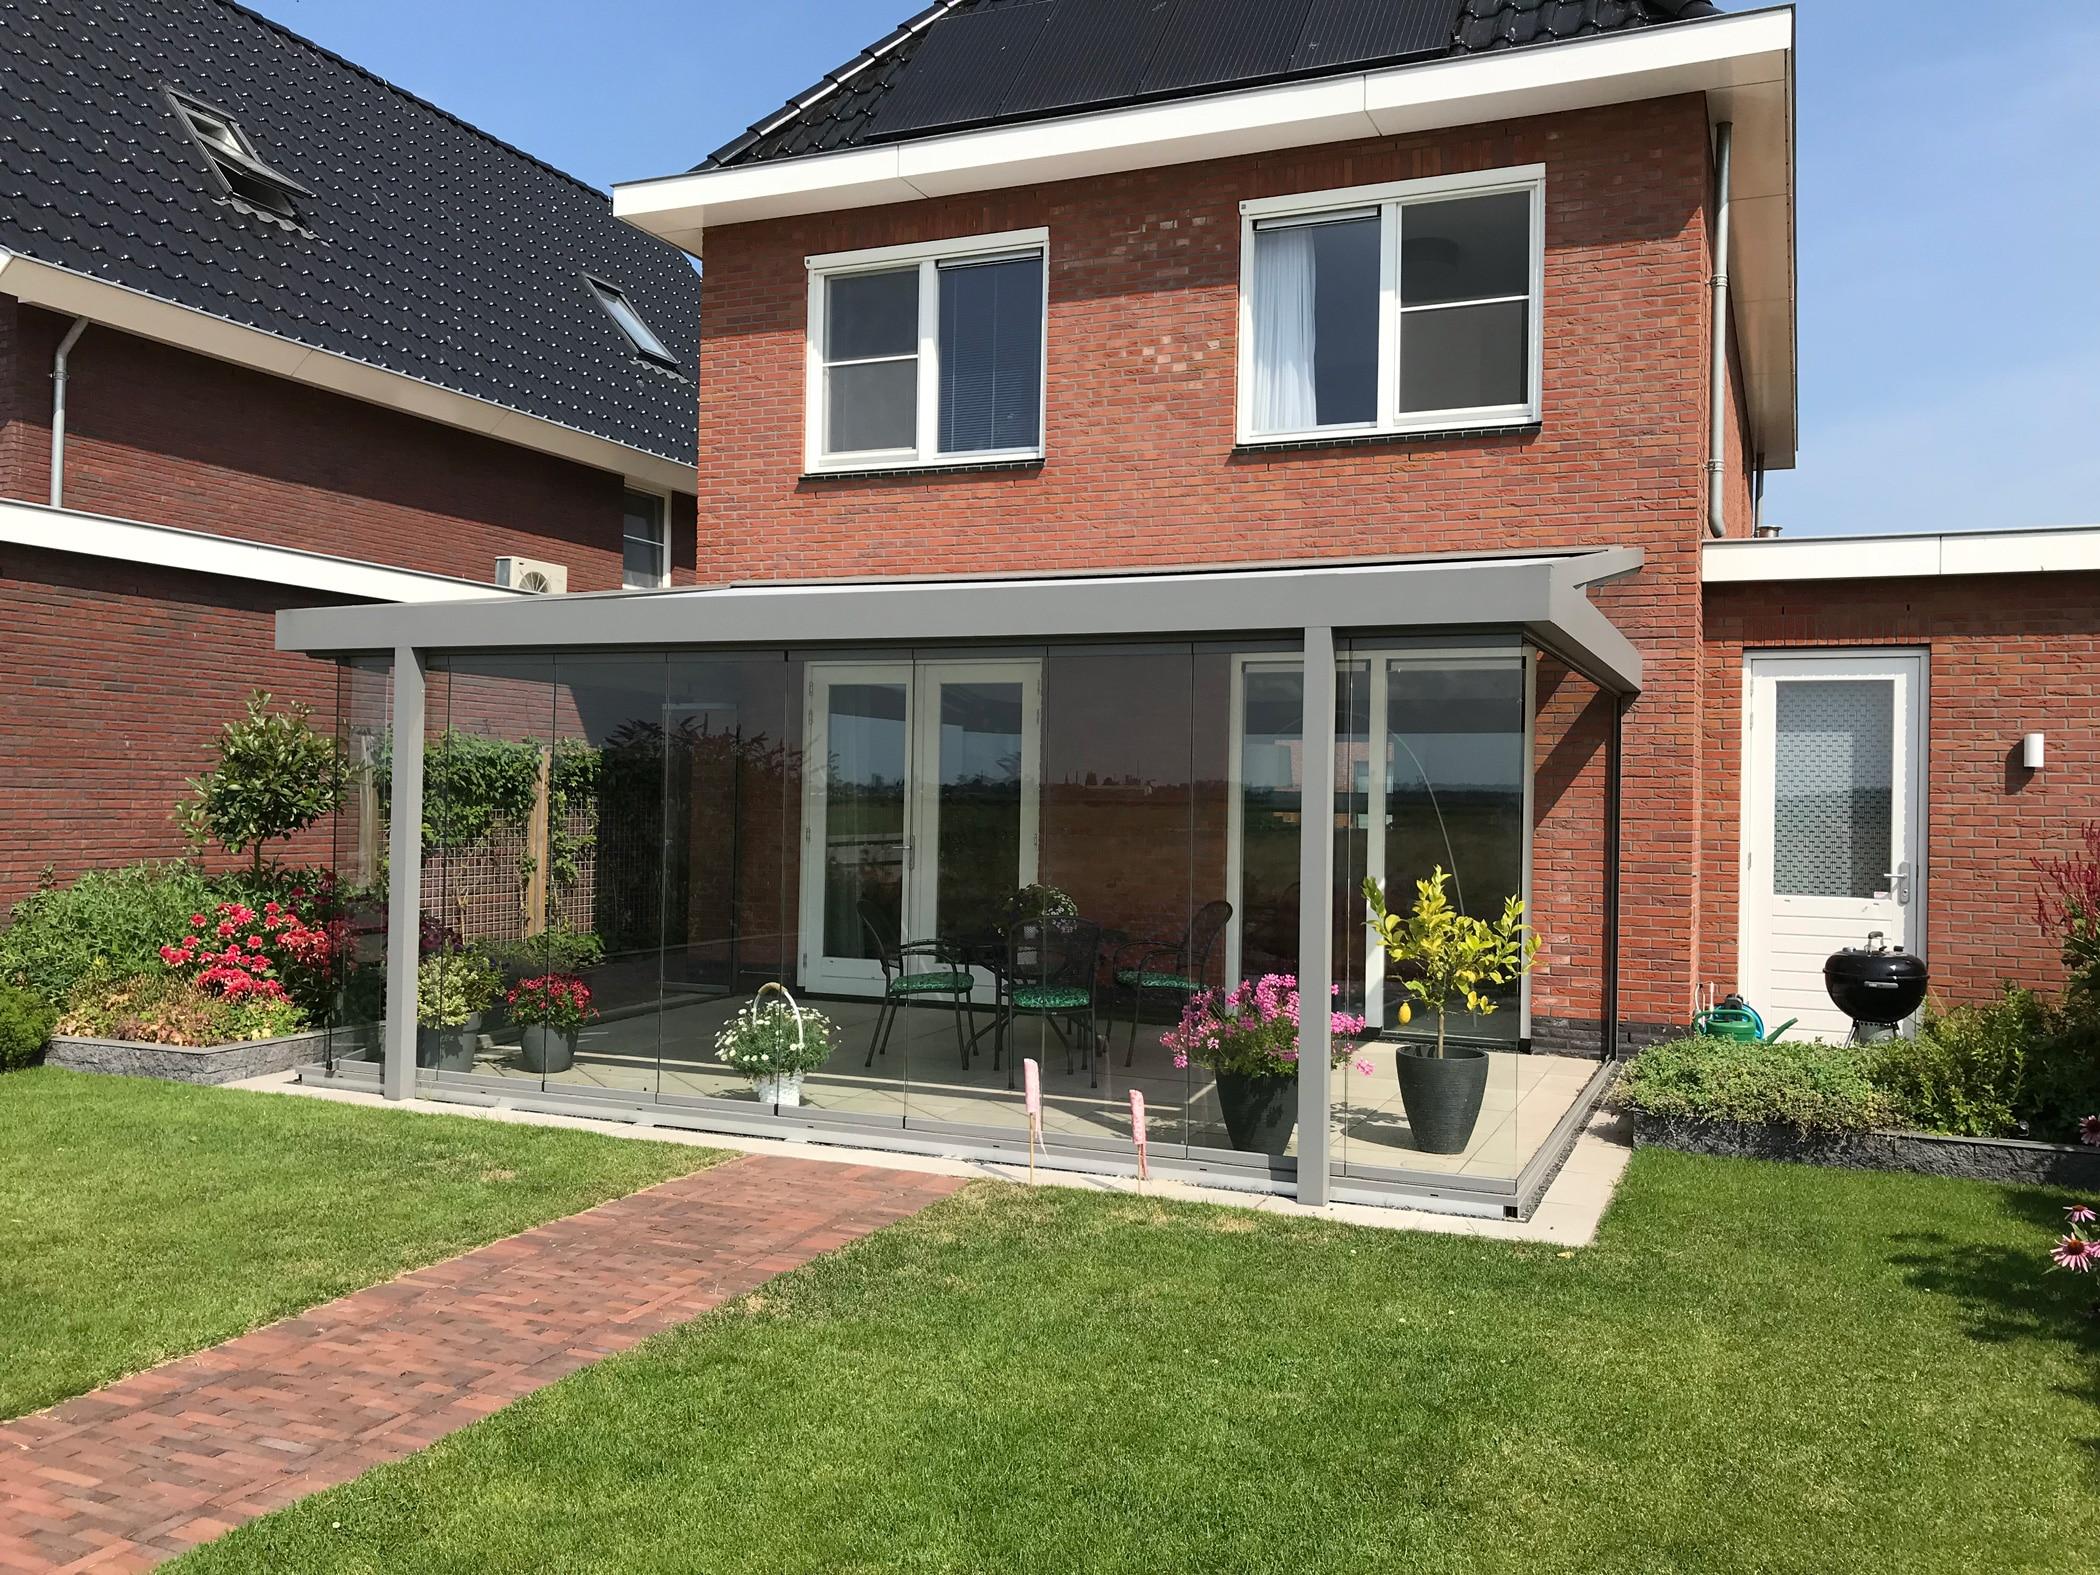 Schiebe-Dreh-Elemente für Wintergarten Anbau auf Terrasse